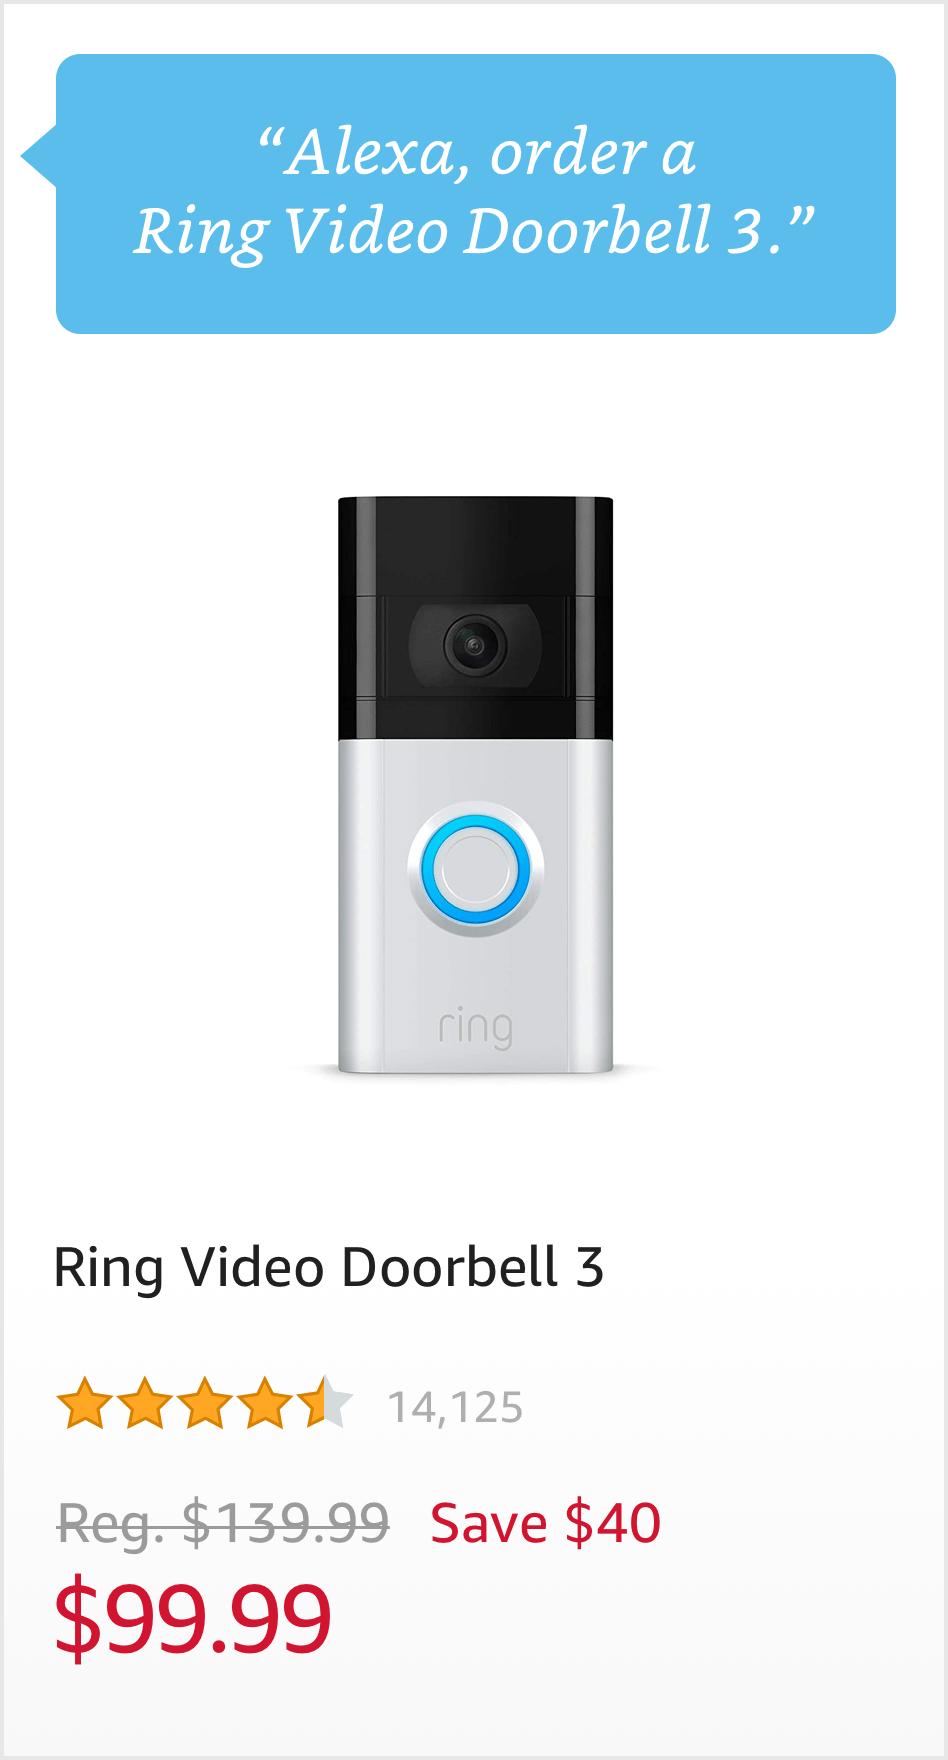 """""""Order a Ring Video Doorbell 3."""" $99.99"""